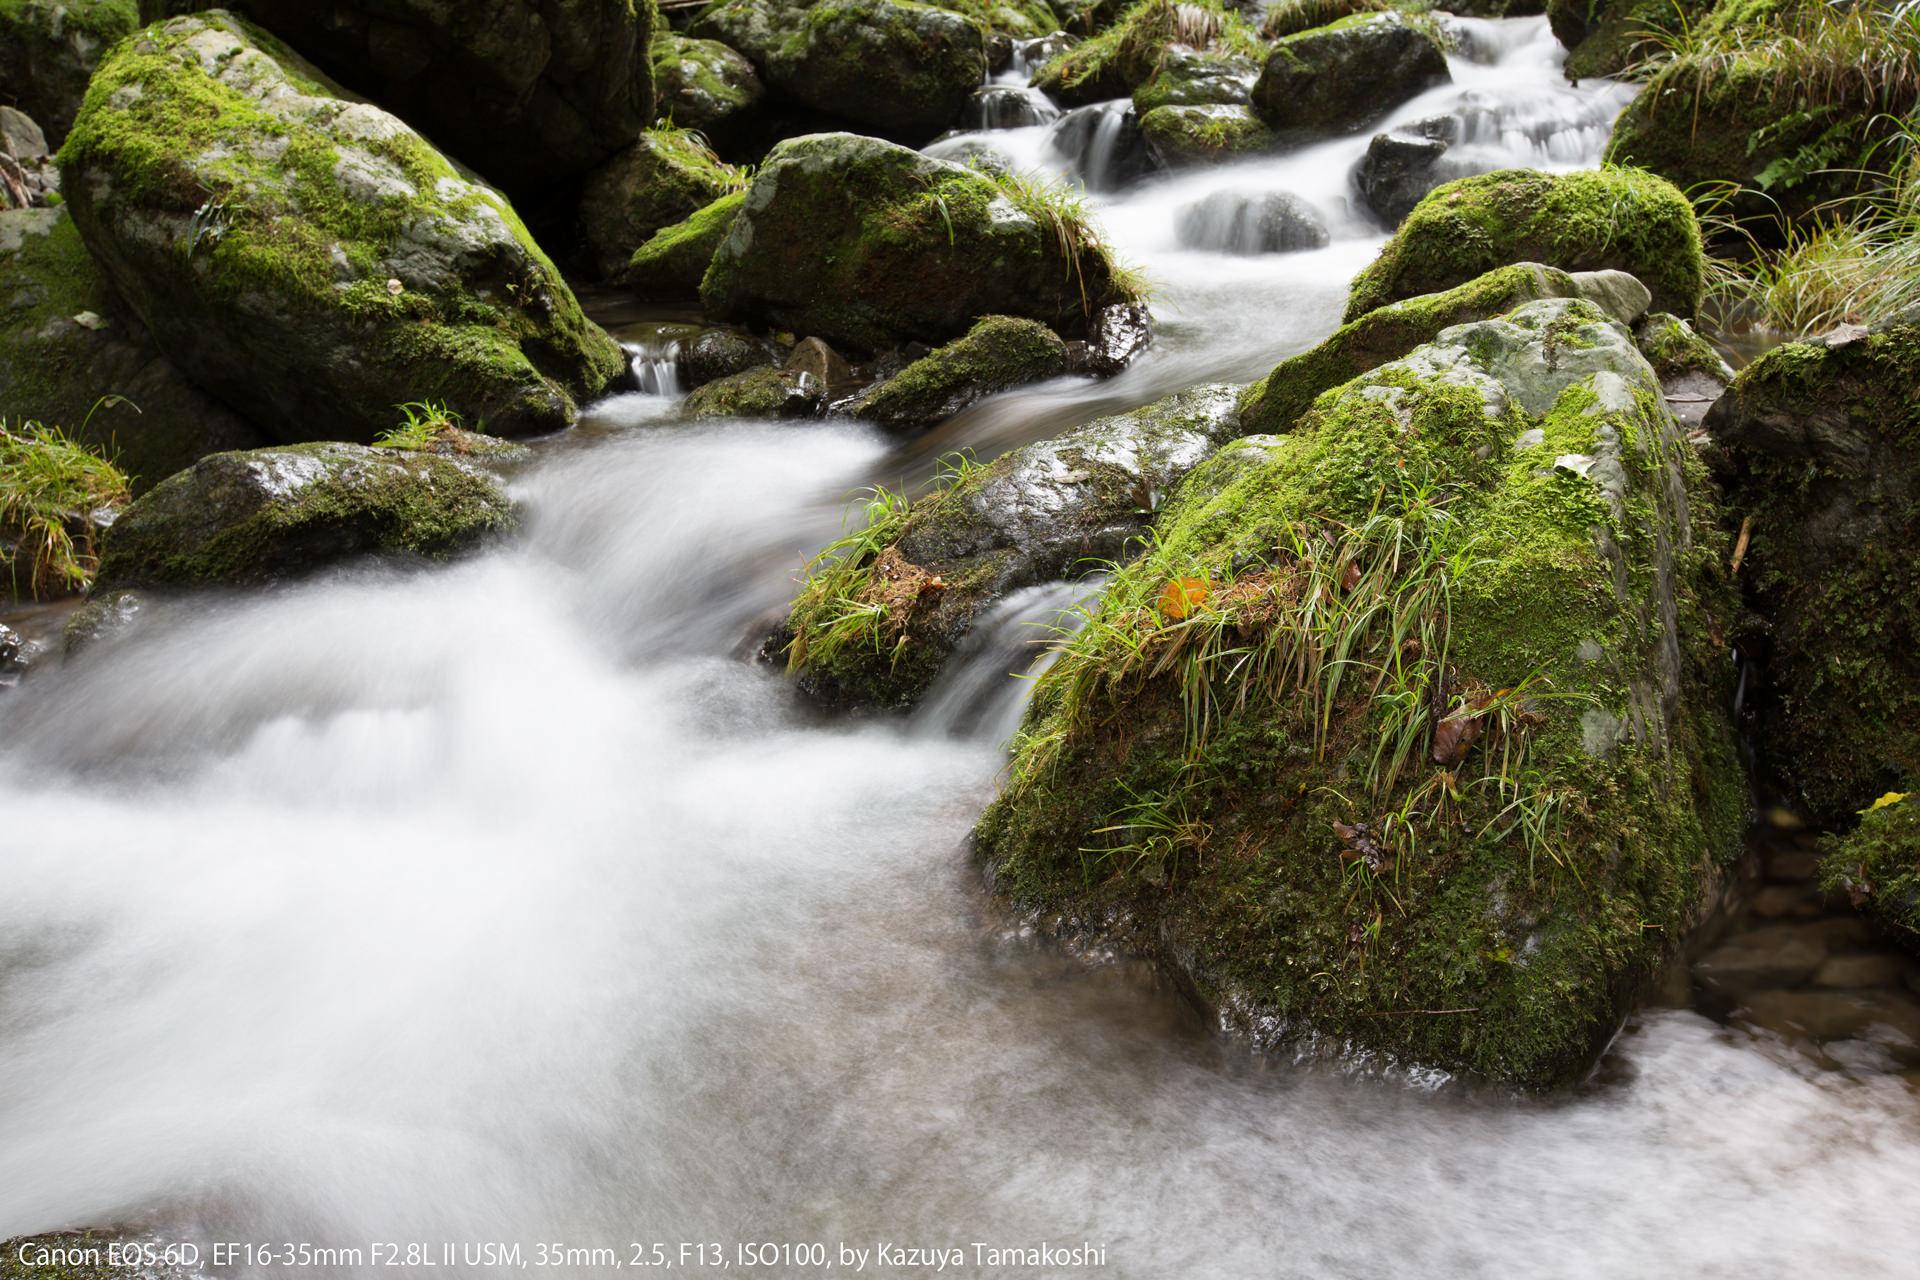 奥多摩の川の流れ(シャッター優先AEのサンプル)